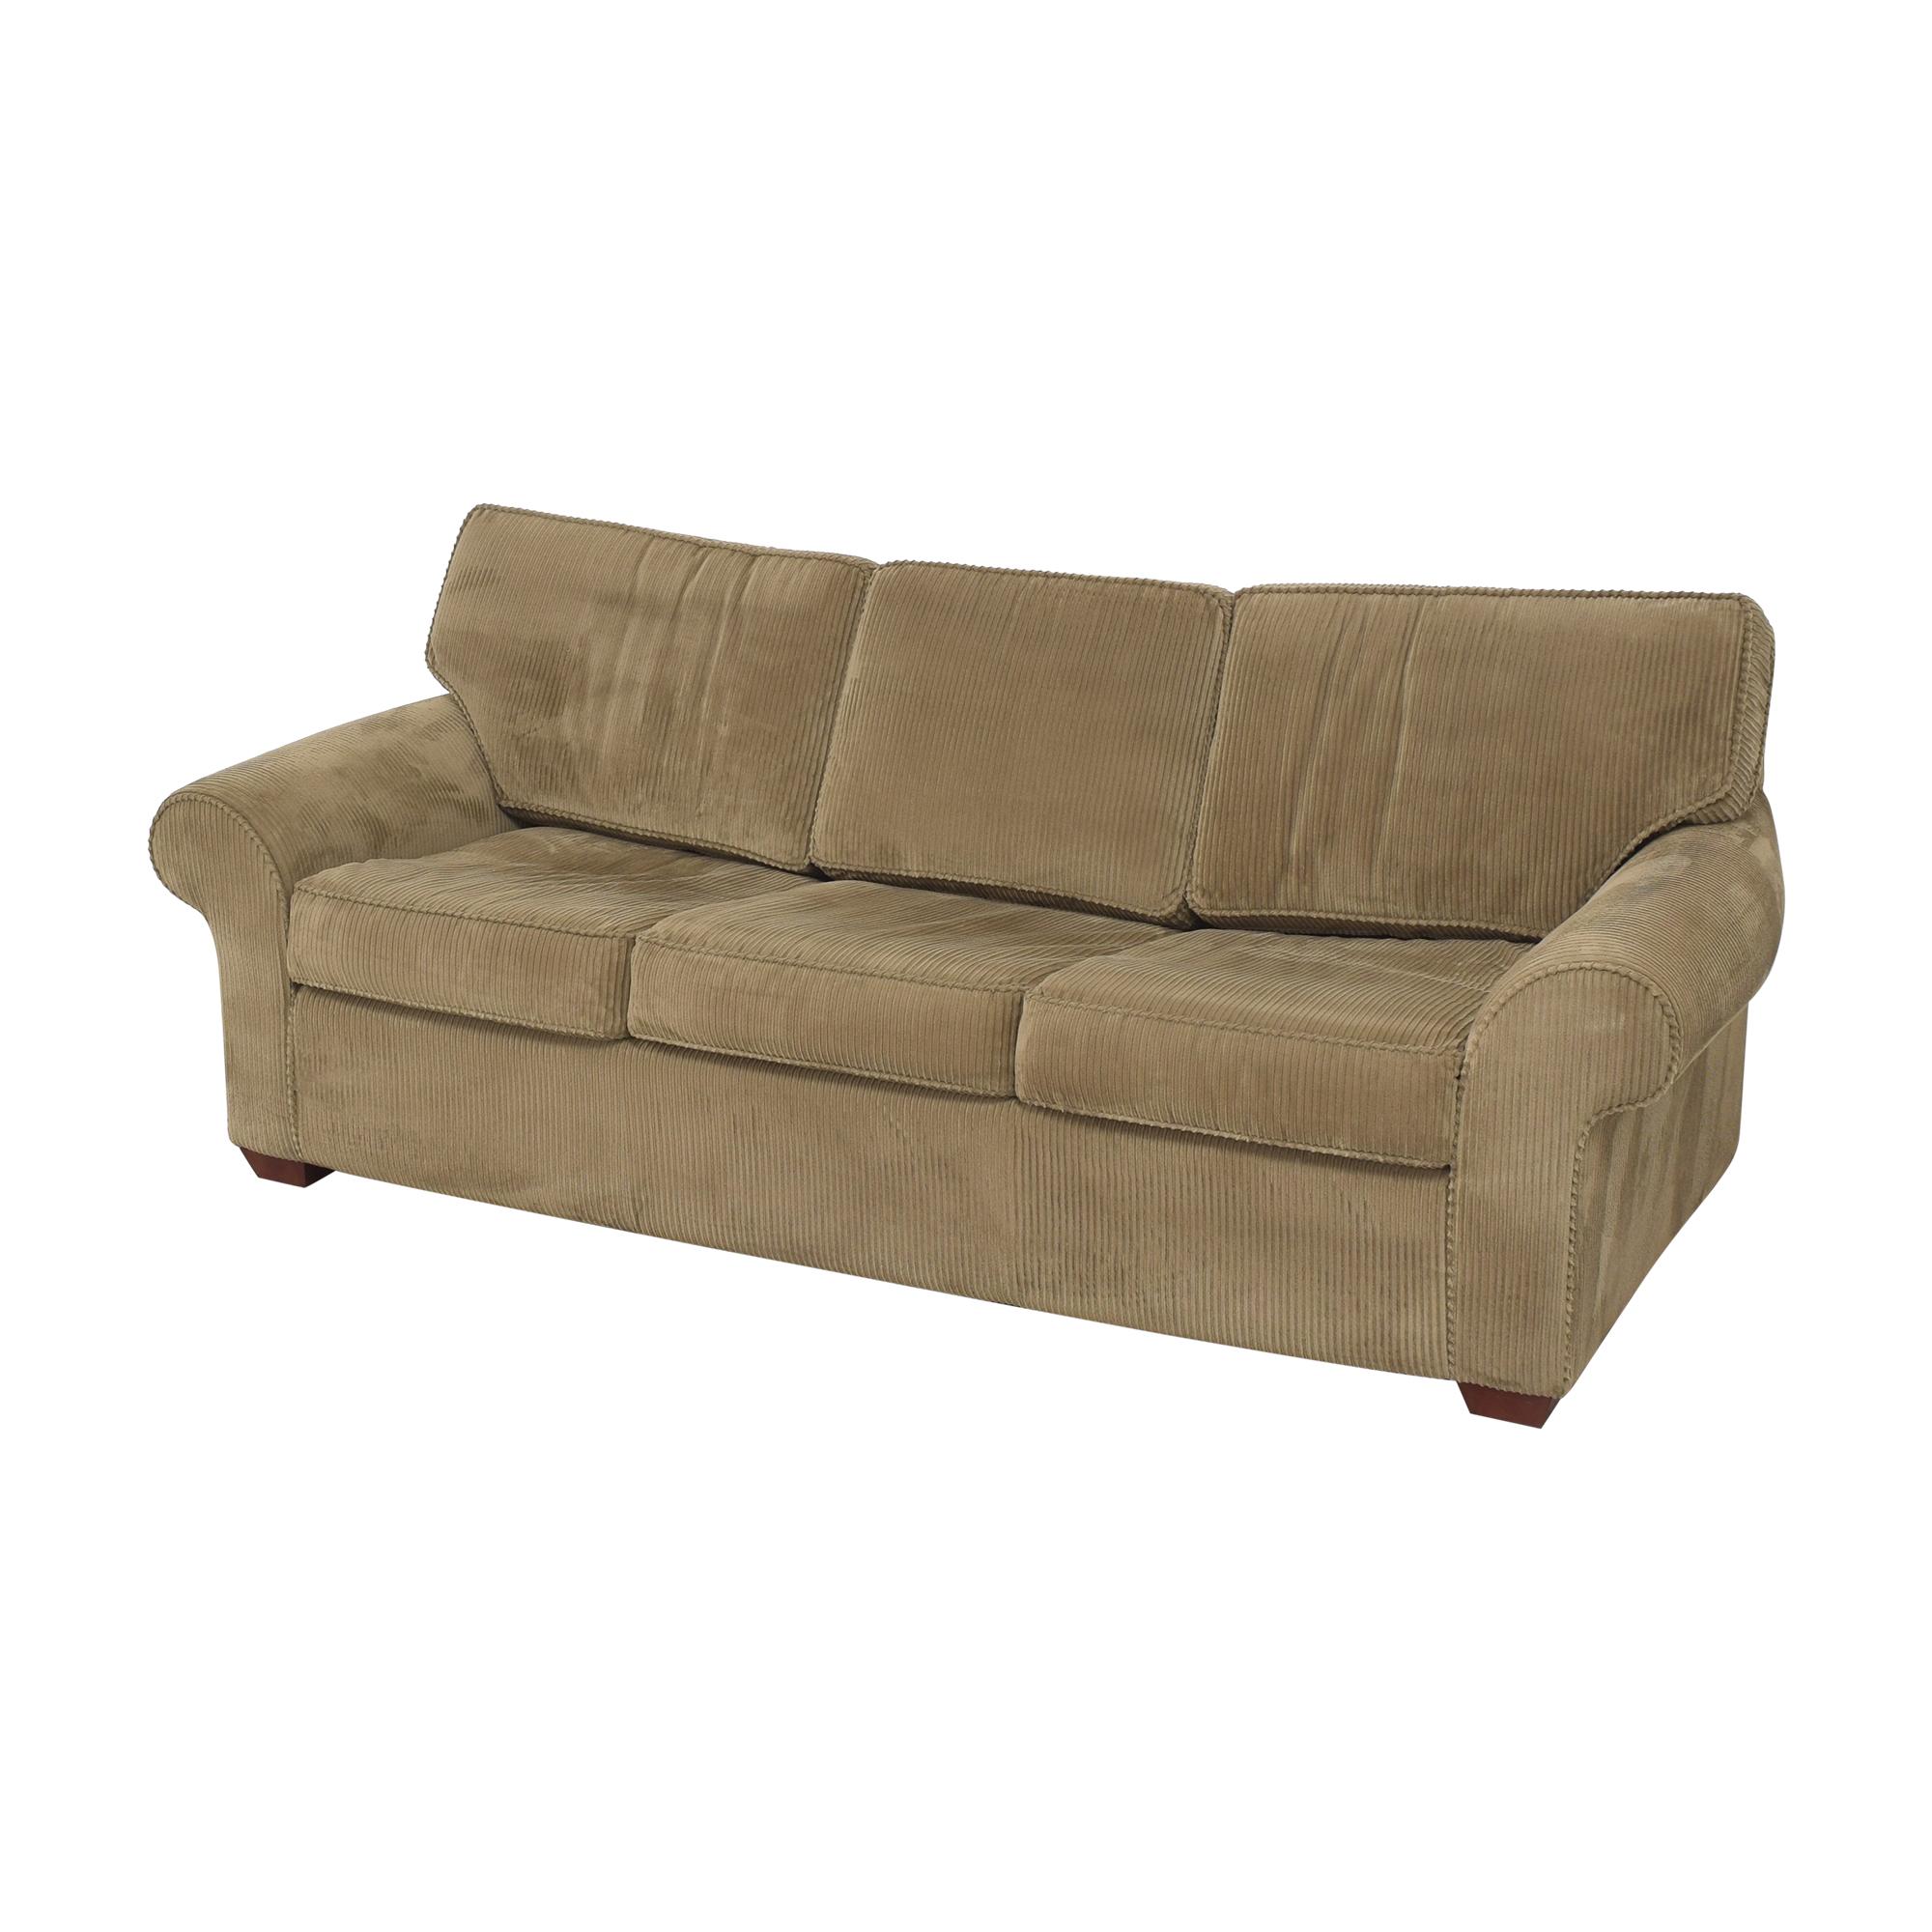 Sealy Sealy Three Cushion Sleeper Sofa Sofa Beds